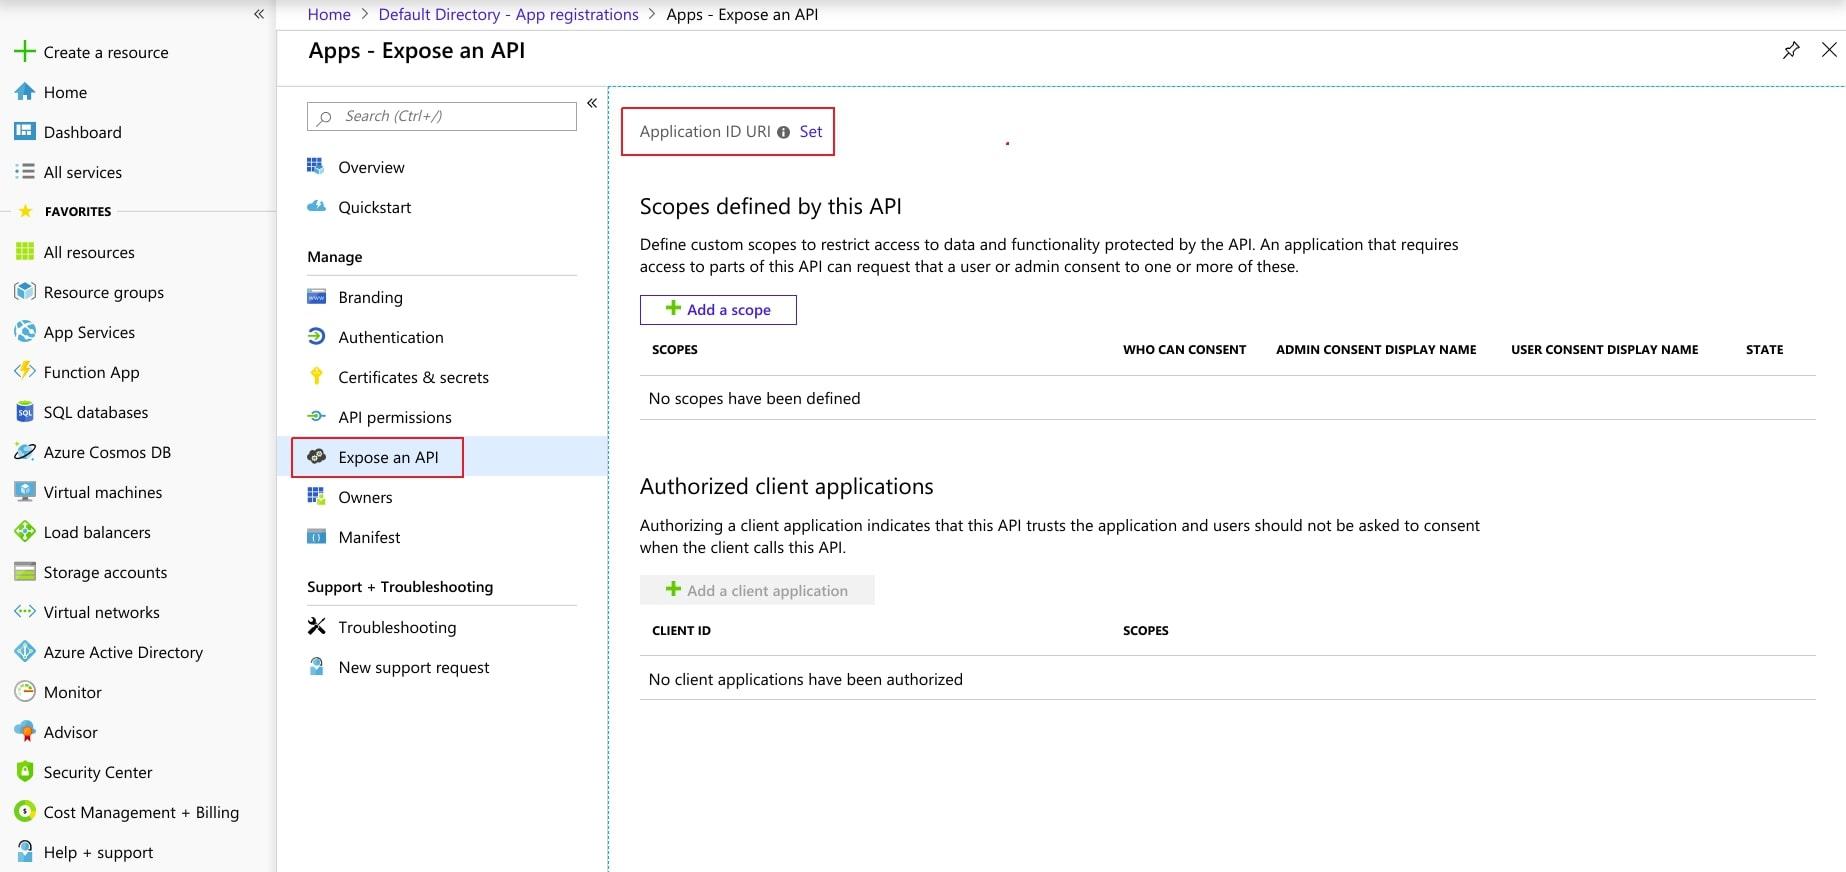 Azure AD SAML SSO expose an API